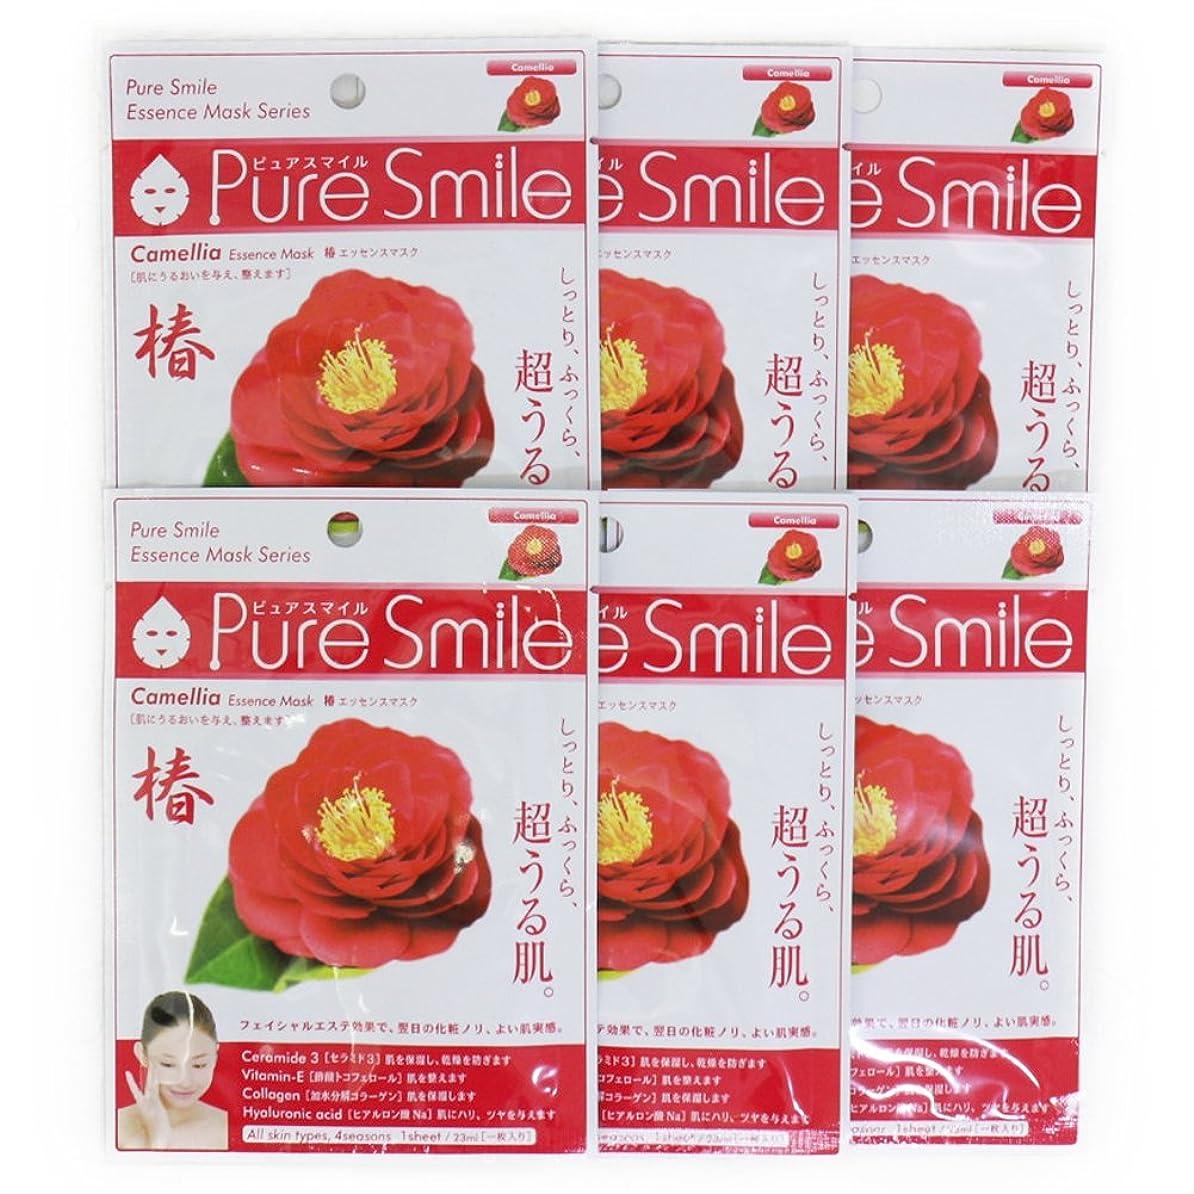 聴衆同行効率的にPure Smile ピュアスマイル エッセンスマスク 椿 6枚セット